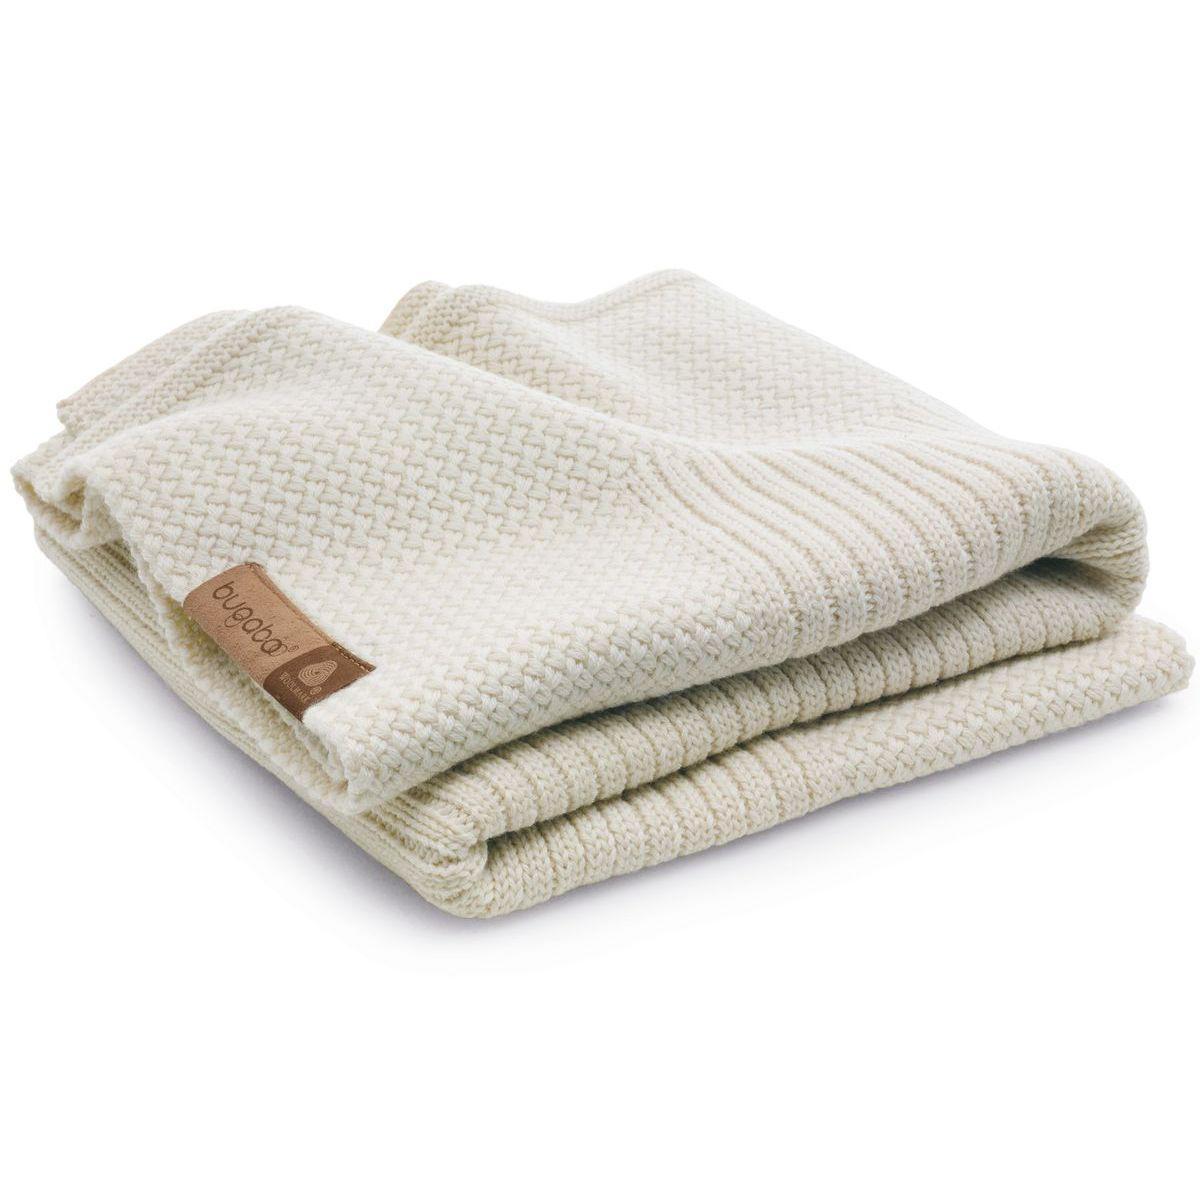 Couverture laine Bugaboo blanc cassé chiné